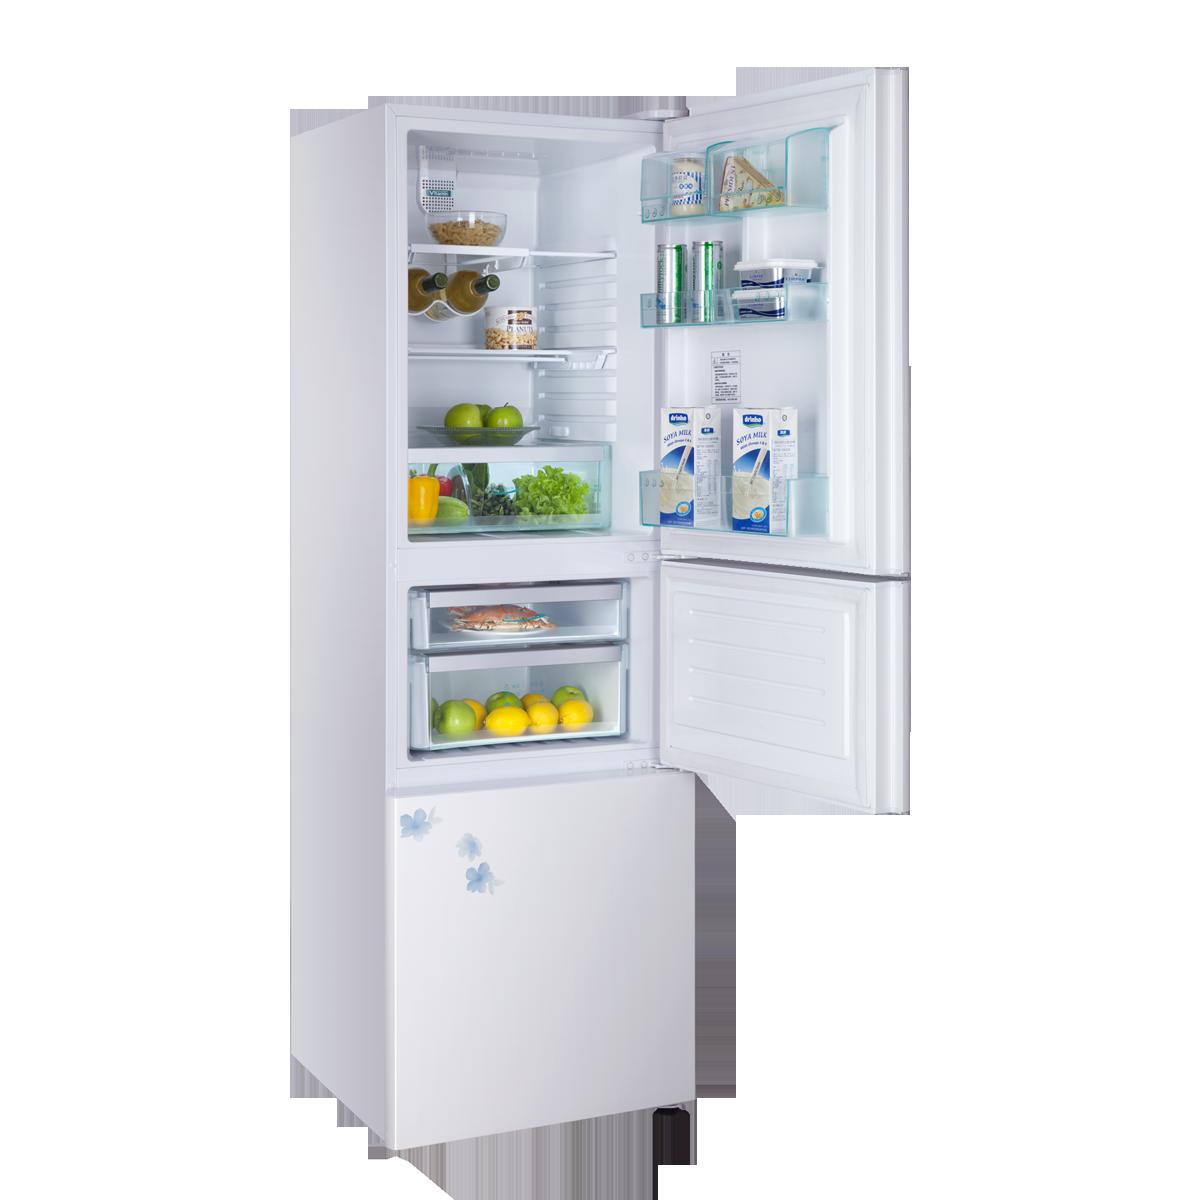 海尔冰箱 bcd-252ksf